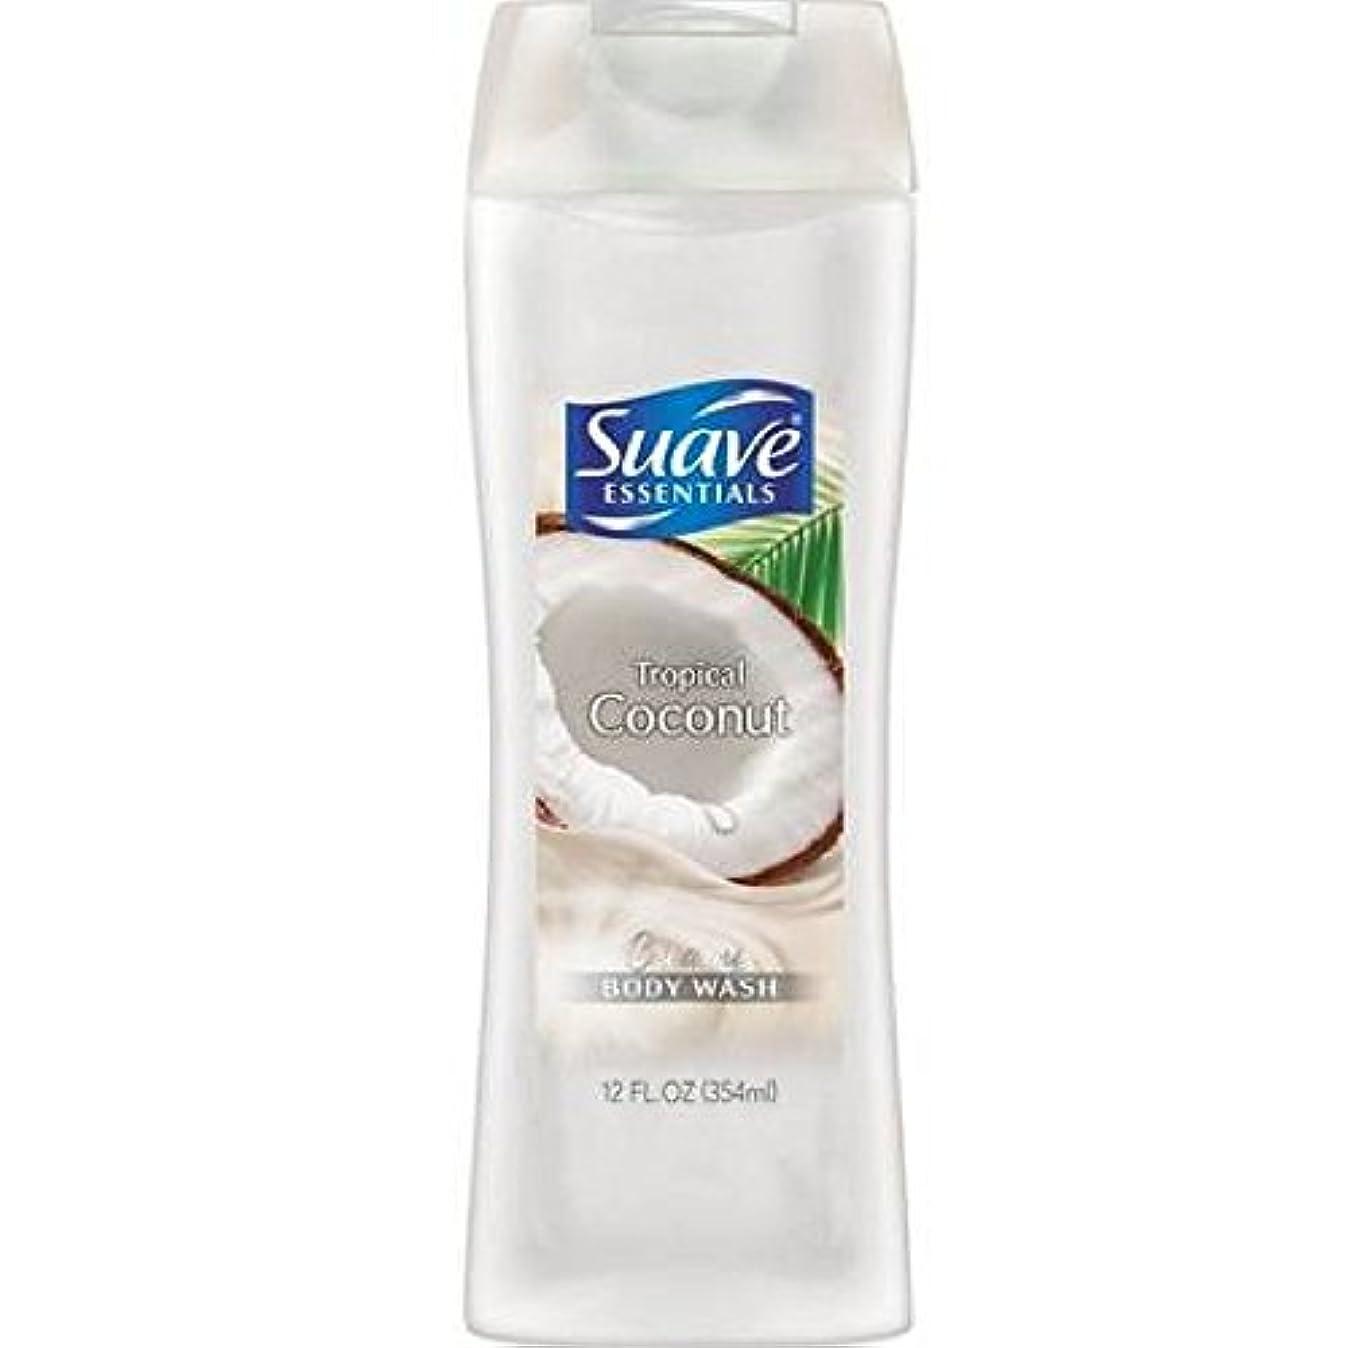 優先権私測るSuave Naturals Body Wash - Tropical Coconut - 12 oz - 2 pk by Suave [並行輸入品]